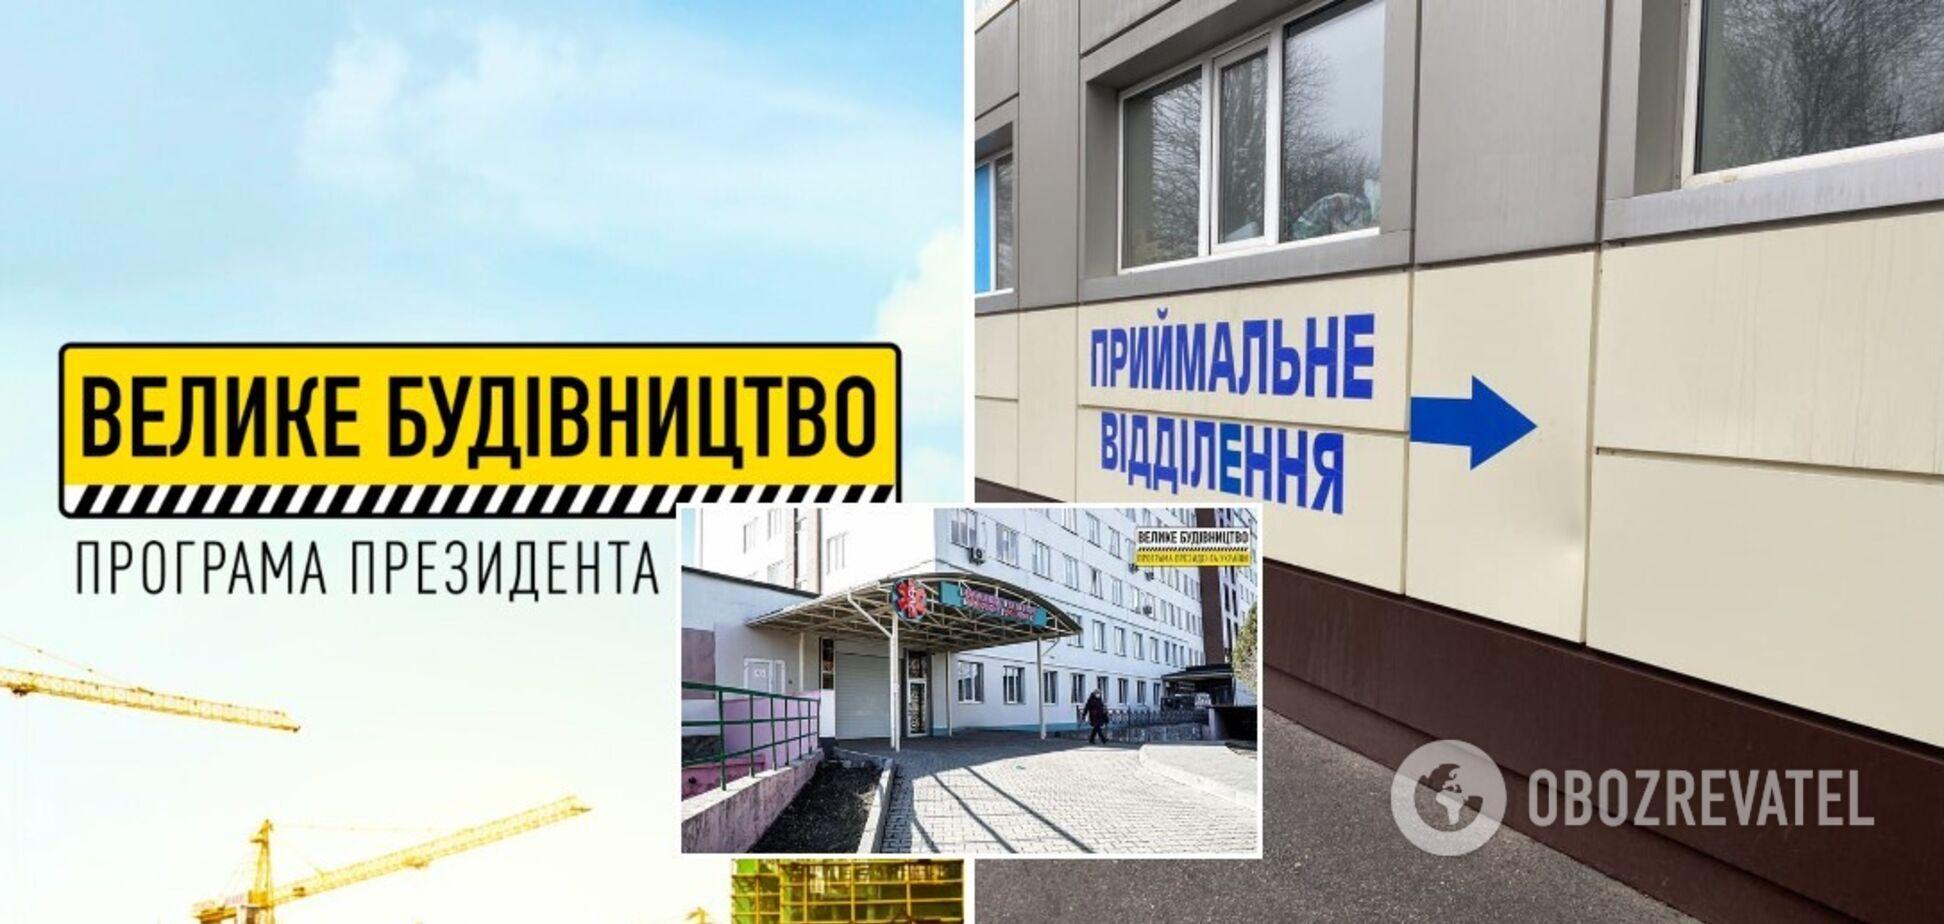 У 2021 році заплановано організувати поставку 4656 одиниць медичного обладнання до приймальних відділень українських лікарень